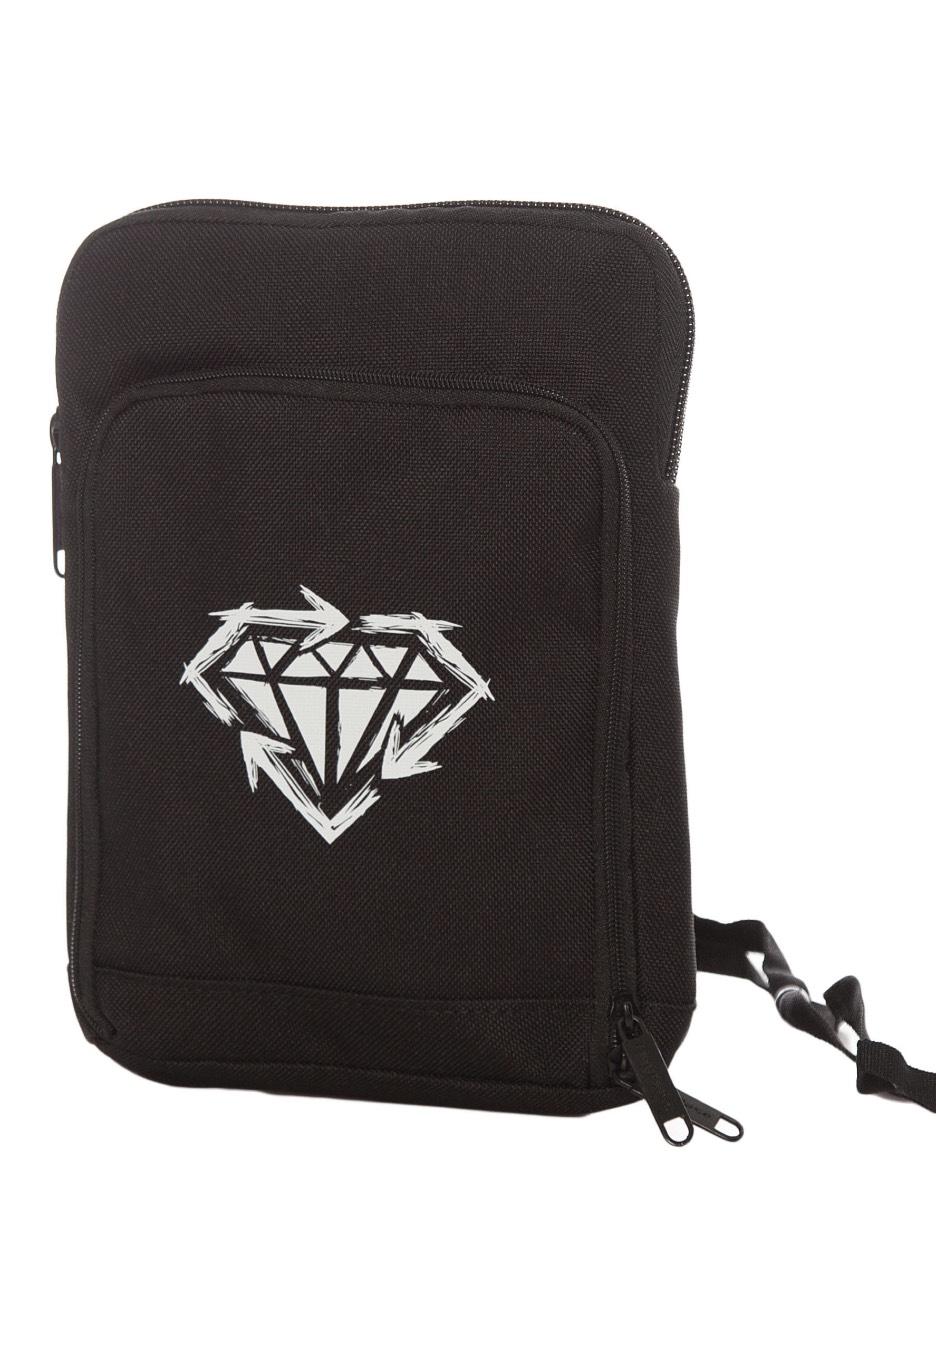 Stick To Your Guns - Diamond - Taschen